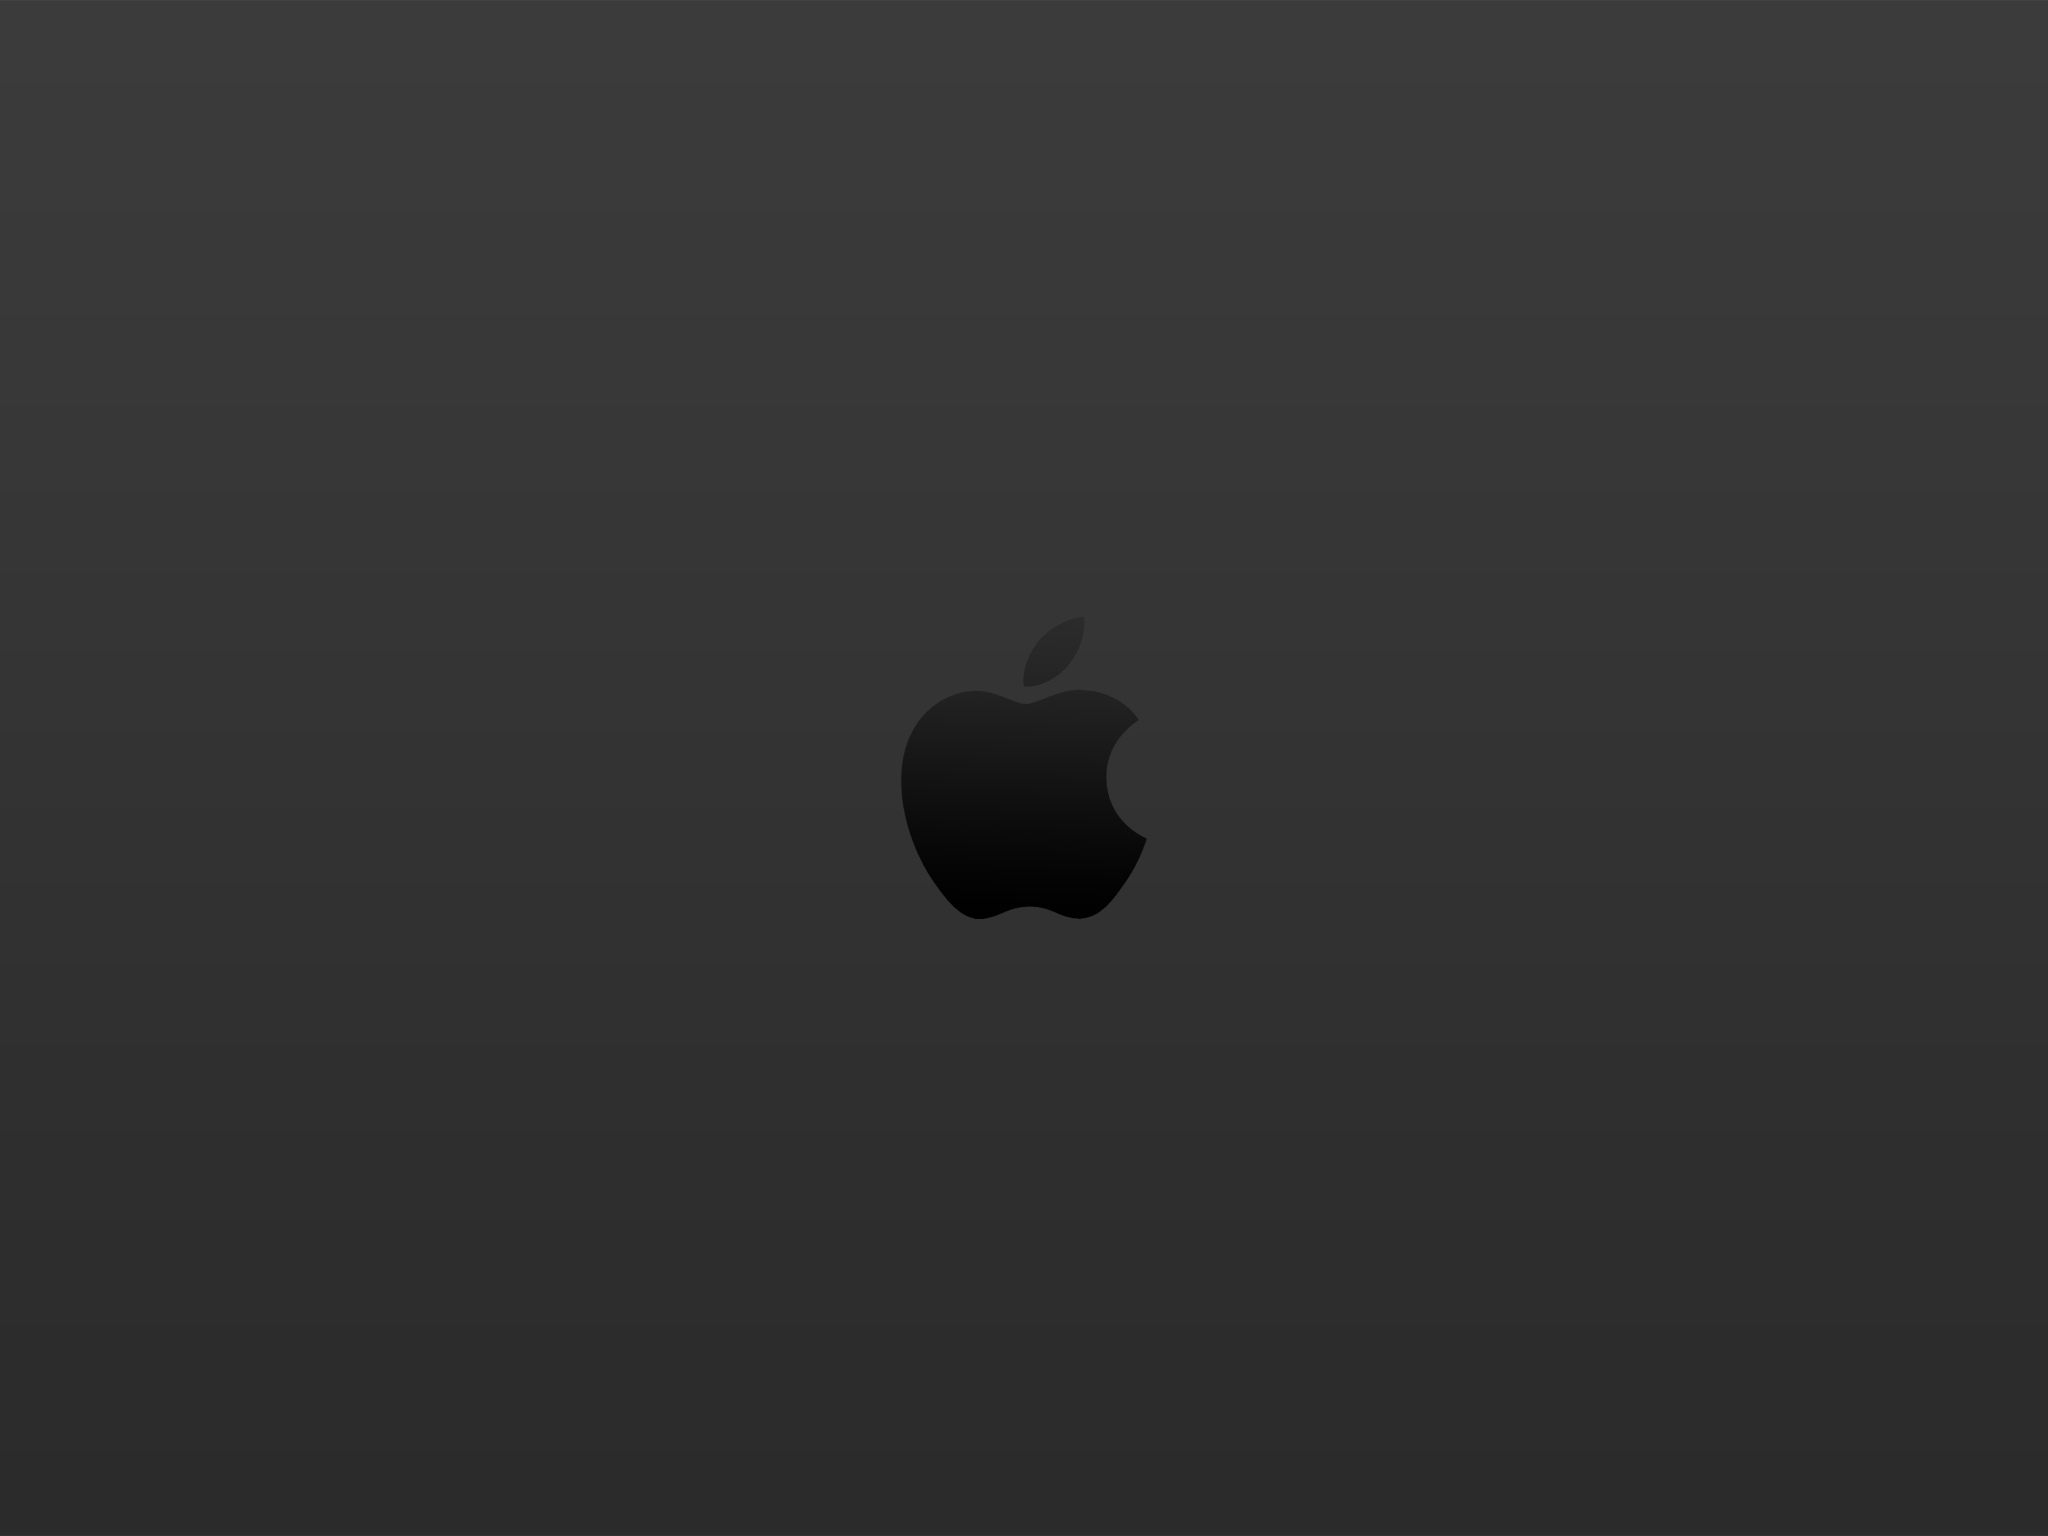 apple logo black wallpapersuperquanganh on deviantart